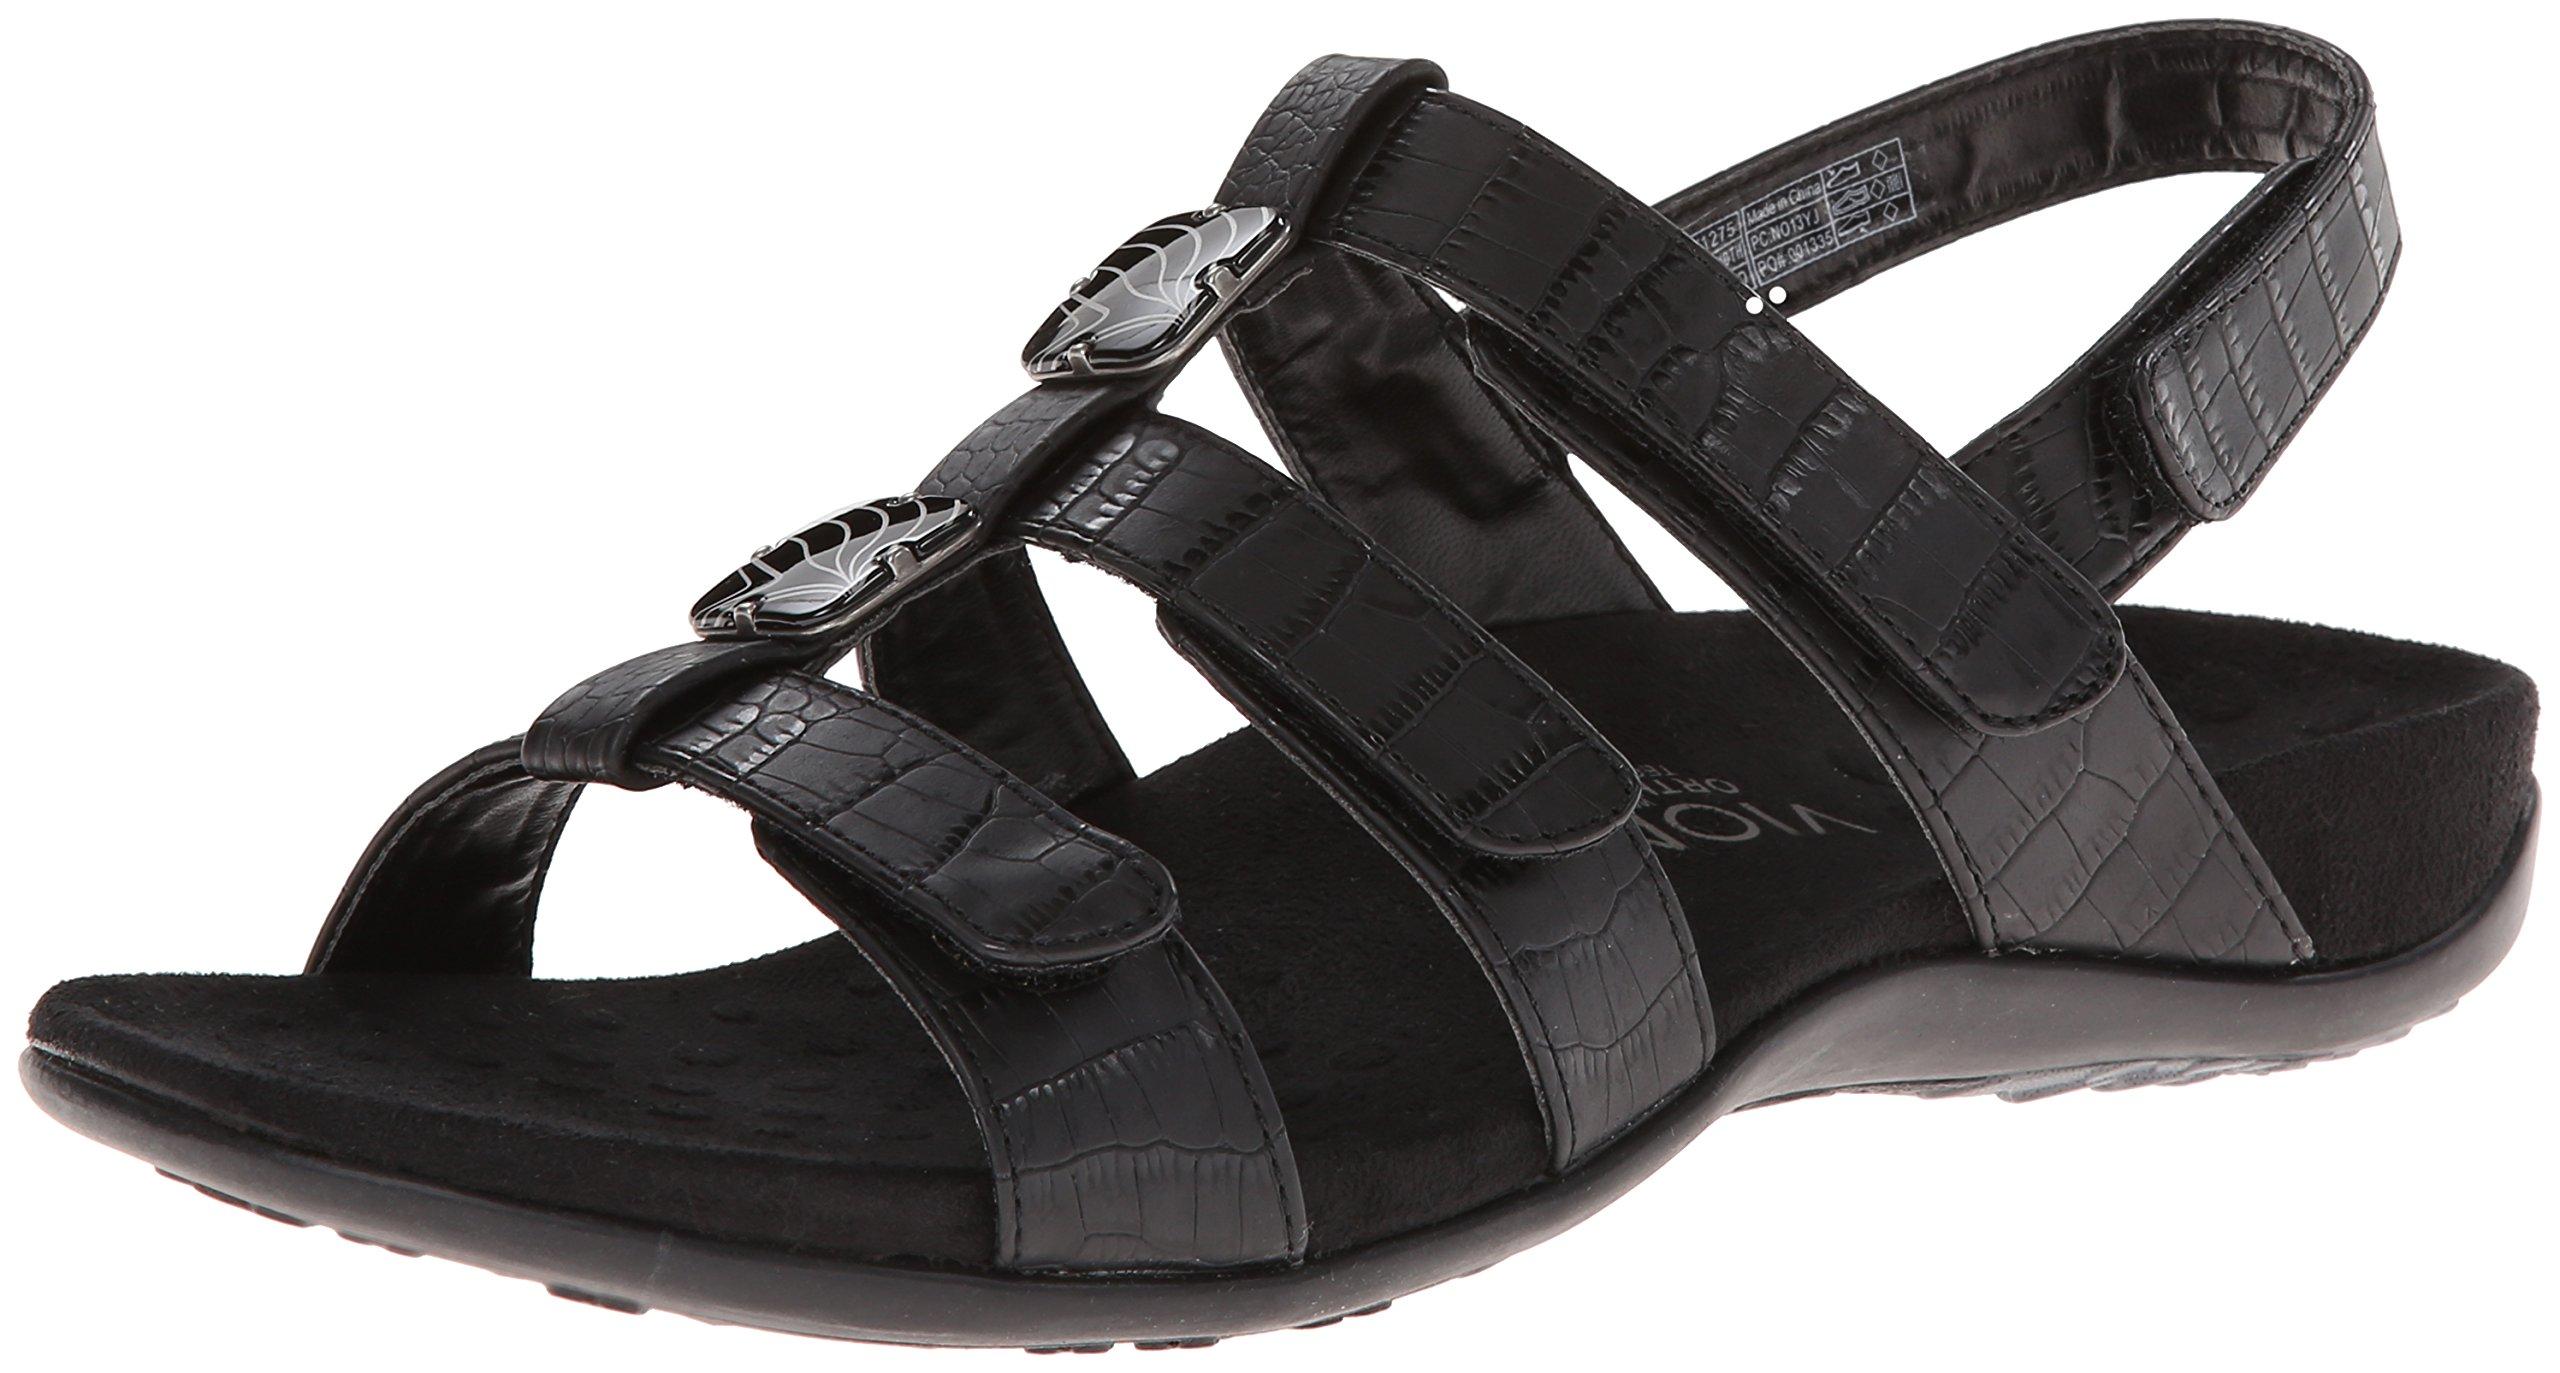 Vionic Amber - Women's Slide Sandal - Orthaheel